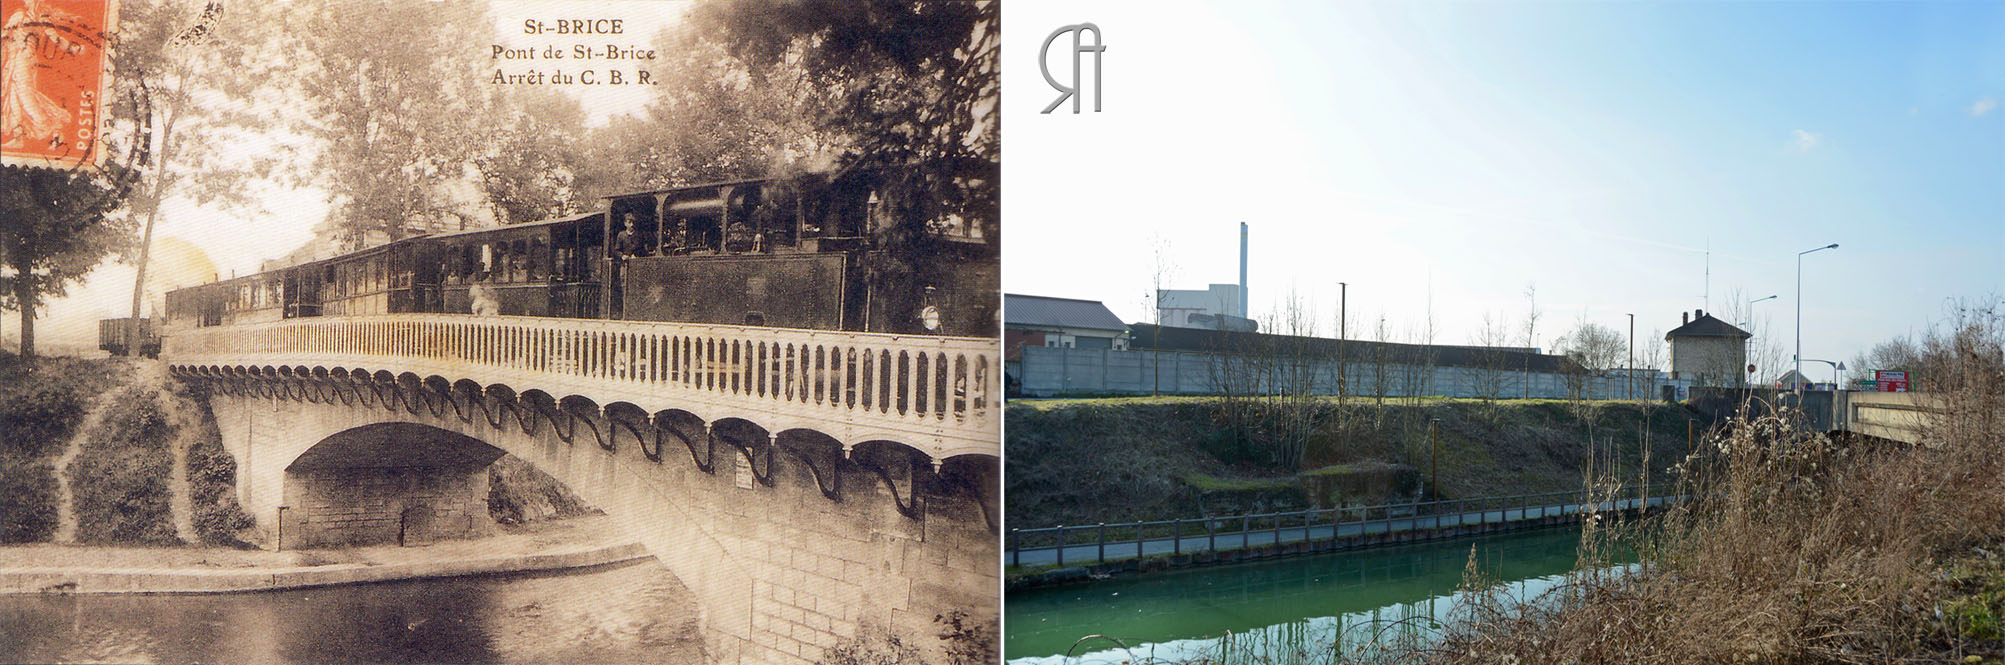 Le pont de Saint-Brice-Courcelles